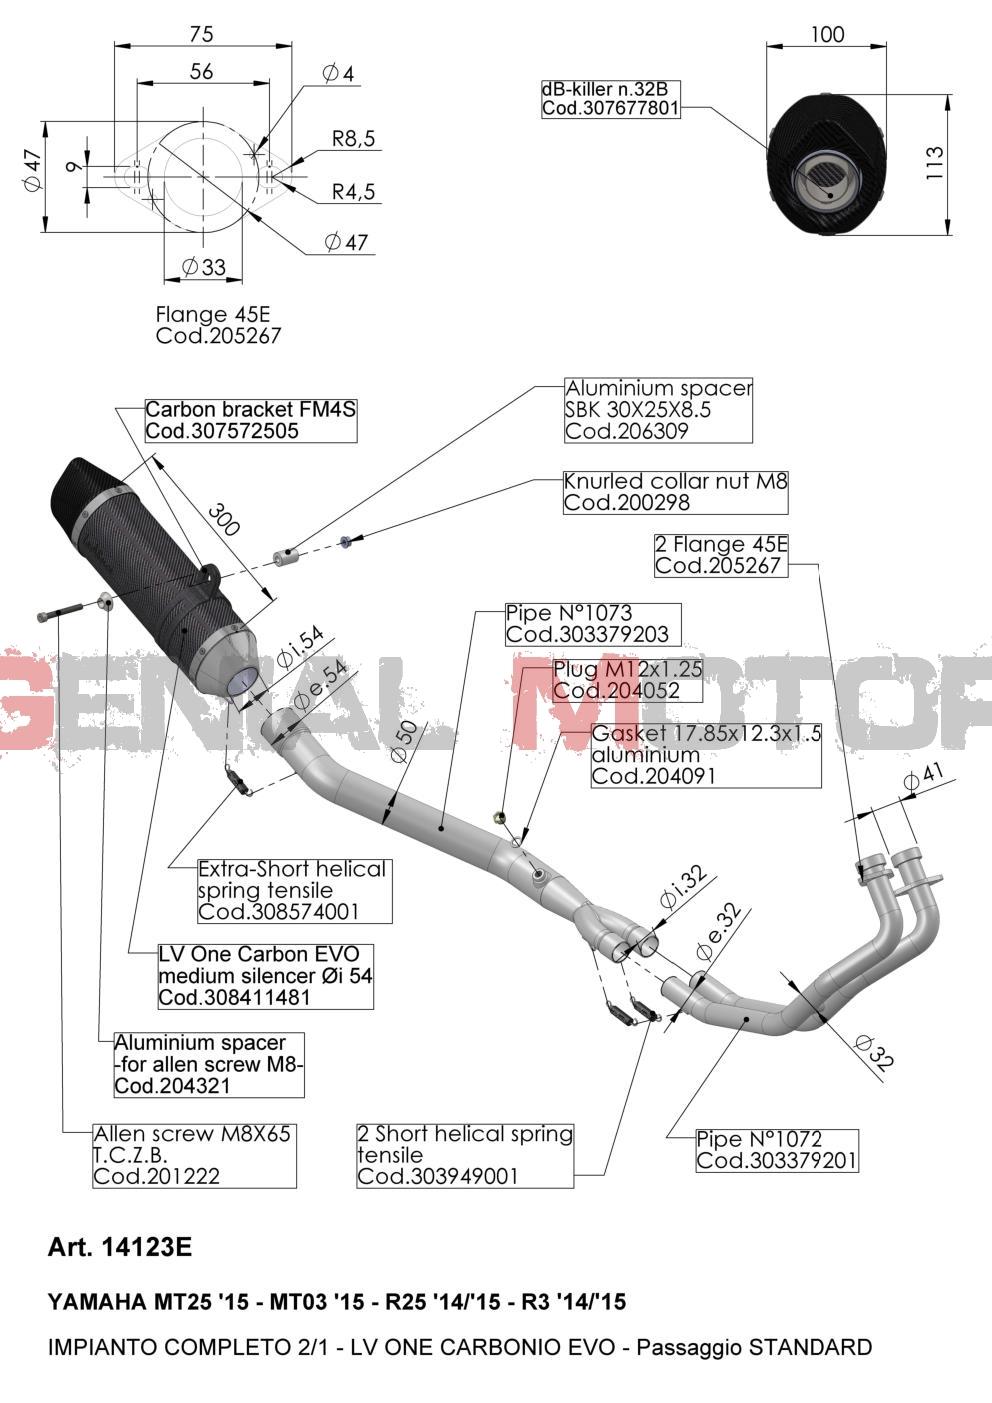 14123E Pot D'Echappement Complete Leovince Lv One Evo Carbone Yamaha Mt 25 2015 > 2020